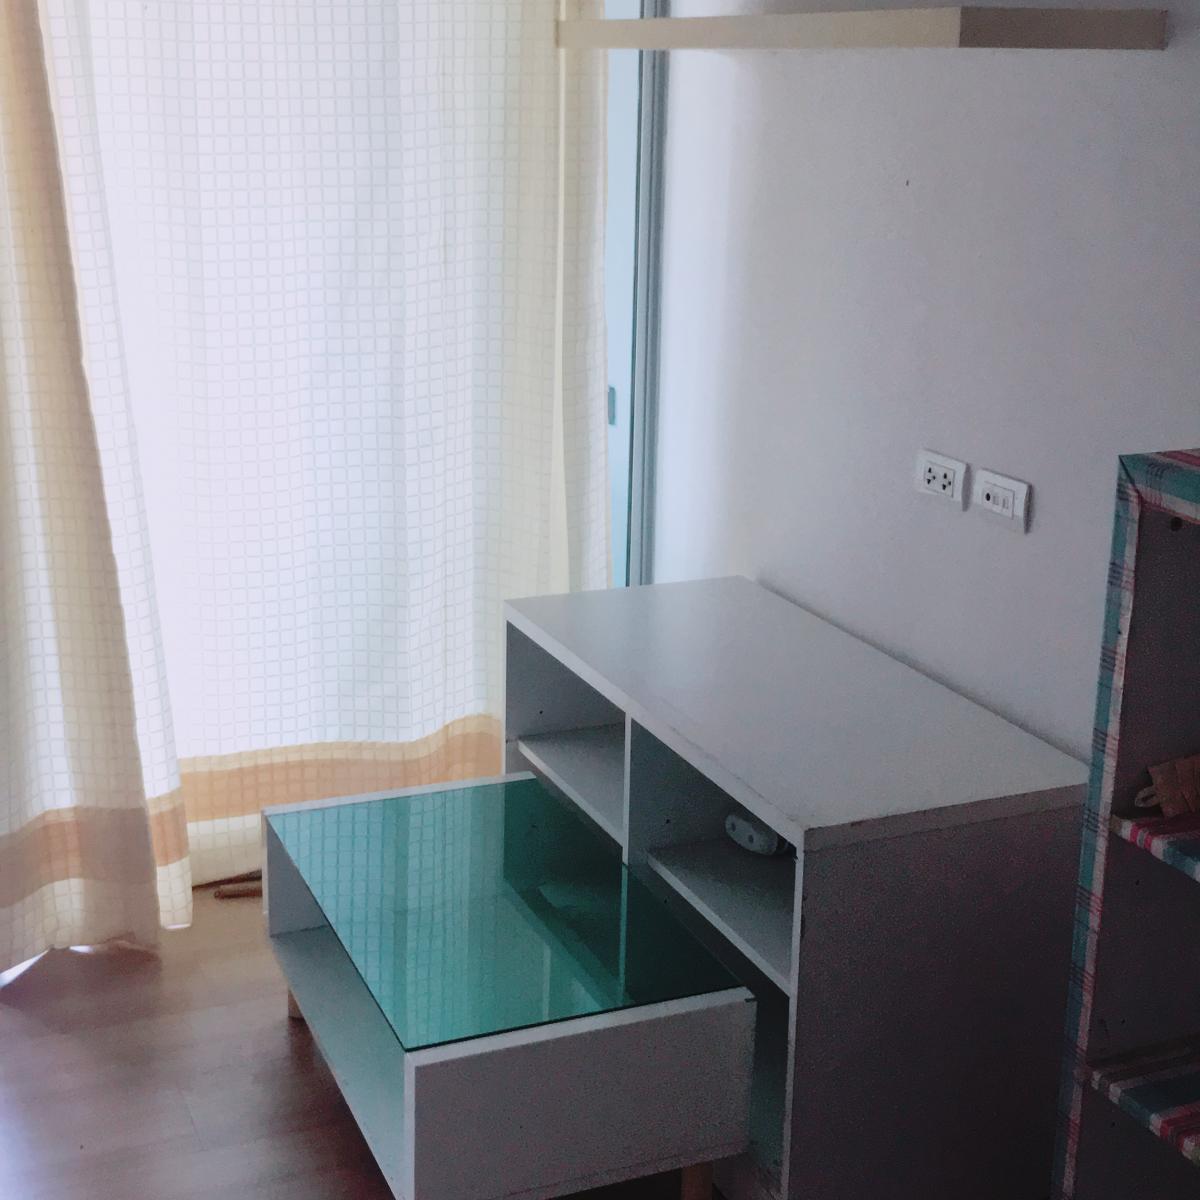 รูปของประกาศขายคอนโดเอ สเปซ สุขุมวิท 77(1 ห้องนอน)(4)